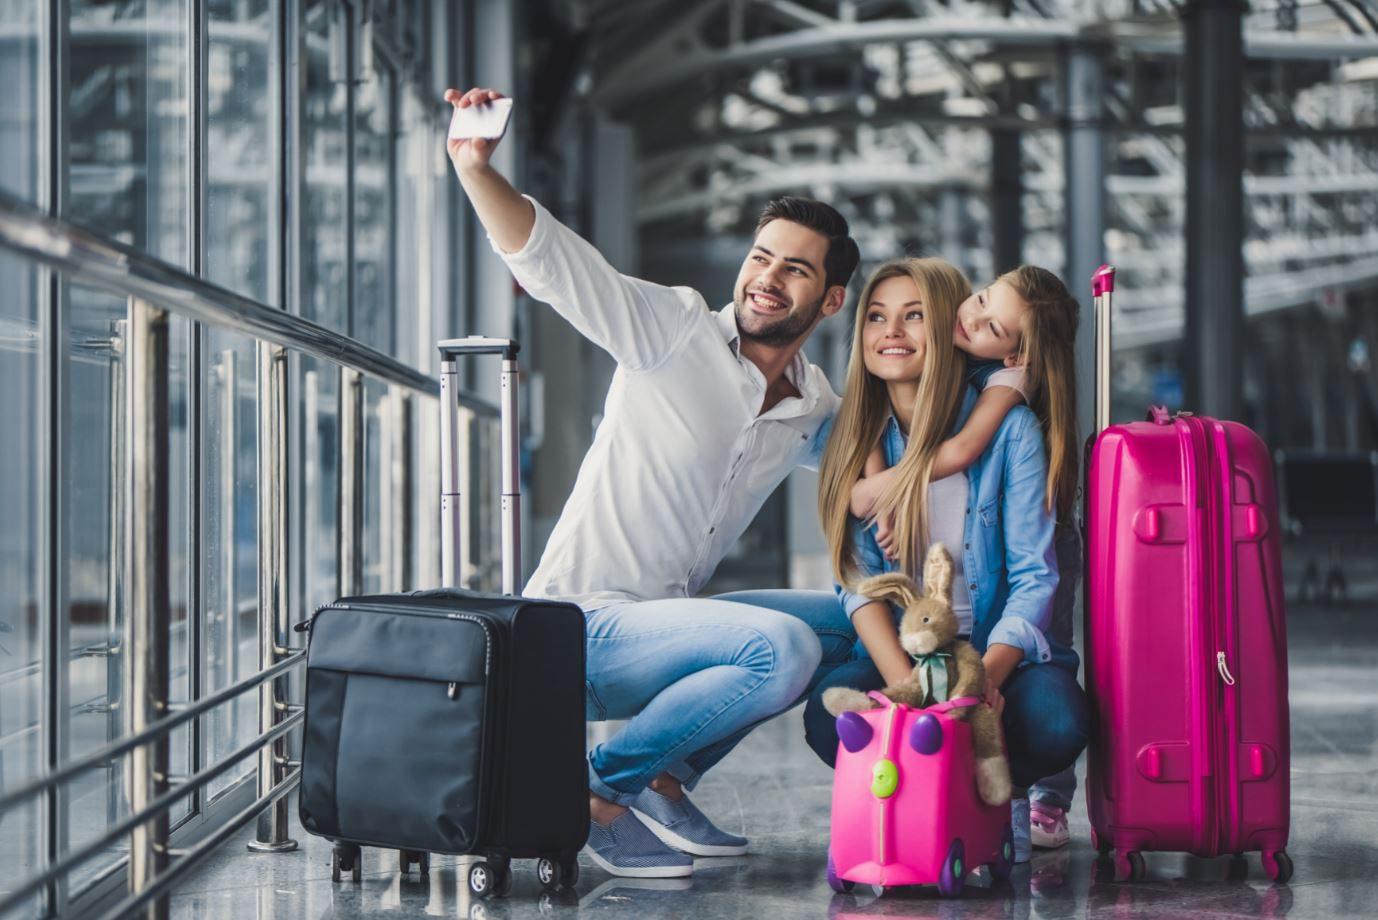 กิจกรรมแก้เบื่อเมื่อติดในสนามบิน